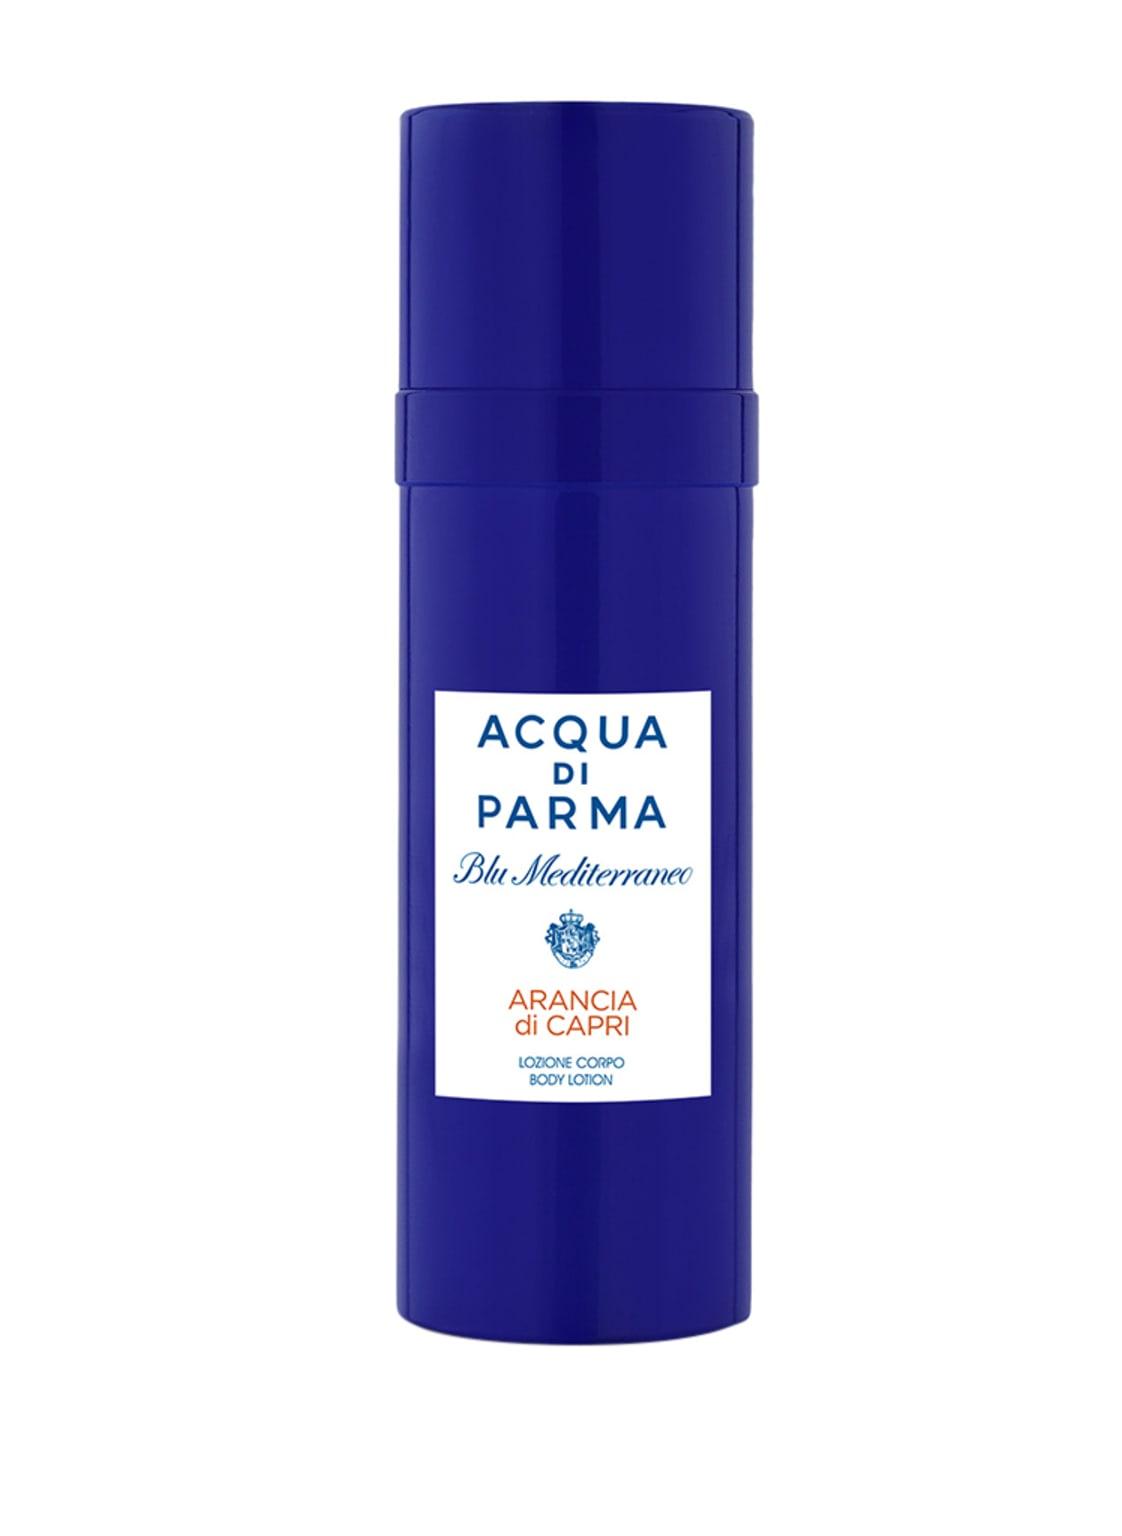 Image of Acqua Di Parma Arancia Di Capri Body Lotion 150 ml